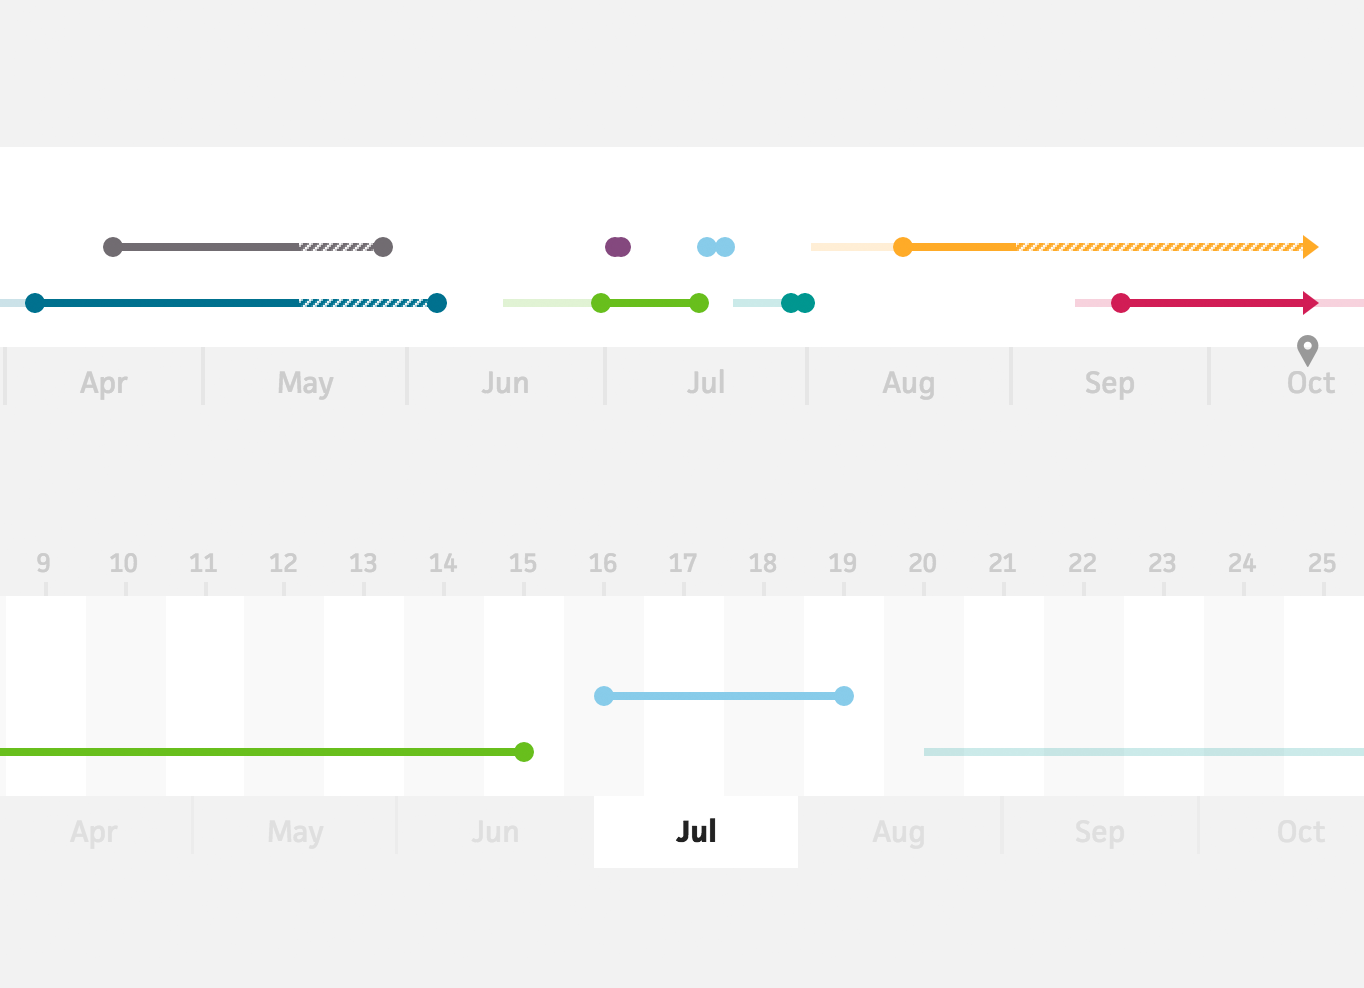 2014-10-16-timeline-data